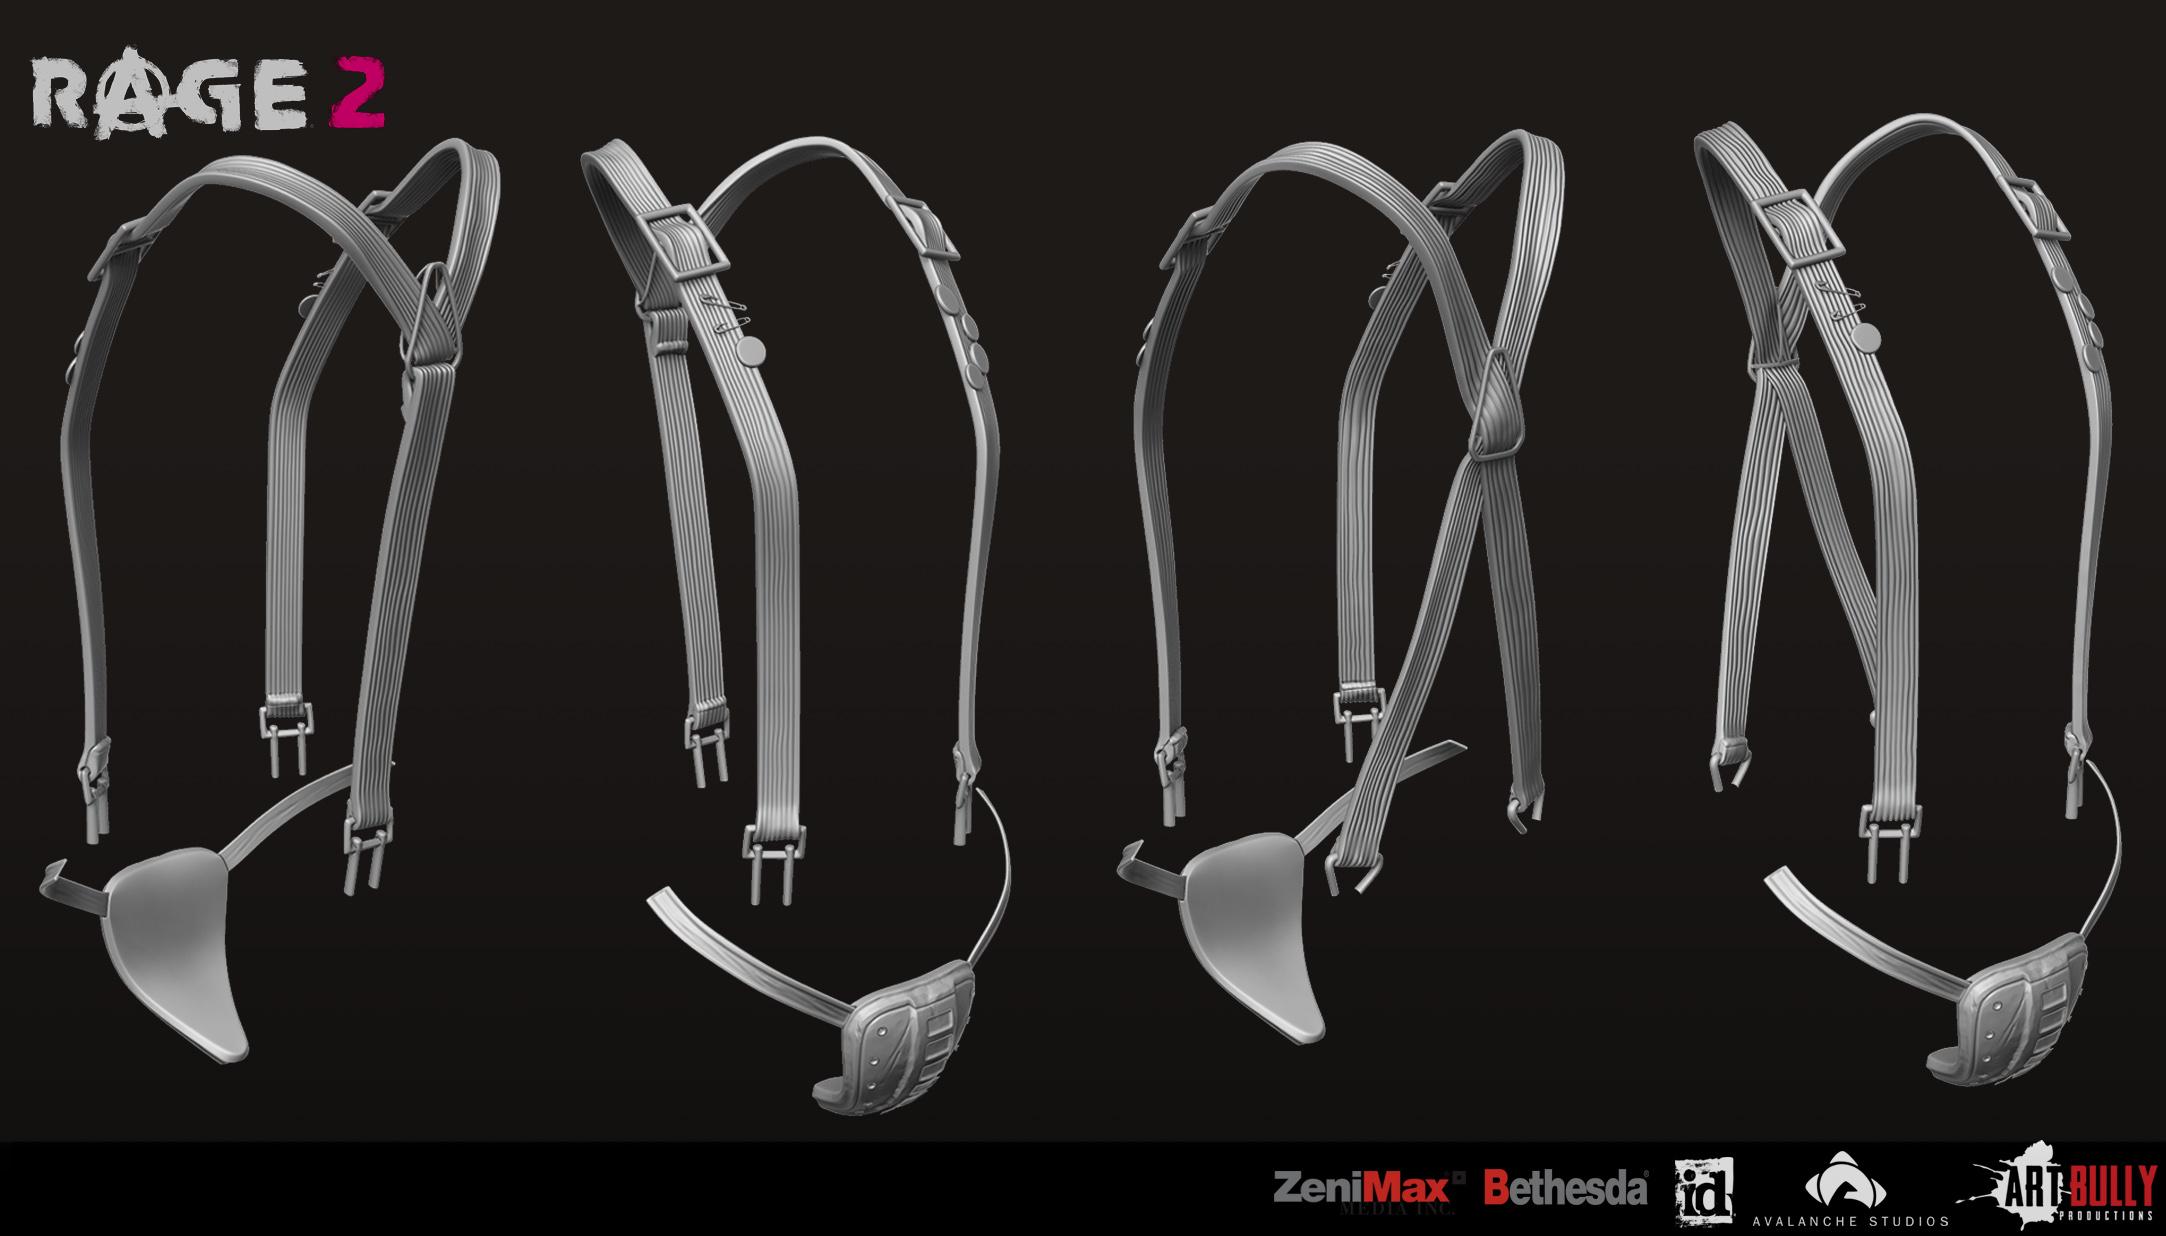 Goon_Sniper_Goon_Shared_Suspenders_render.jpg